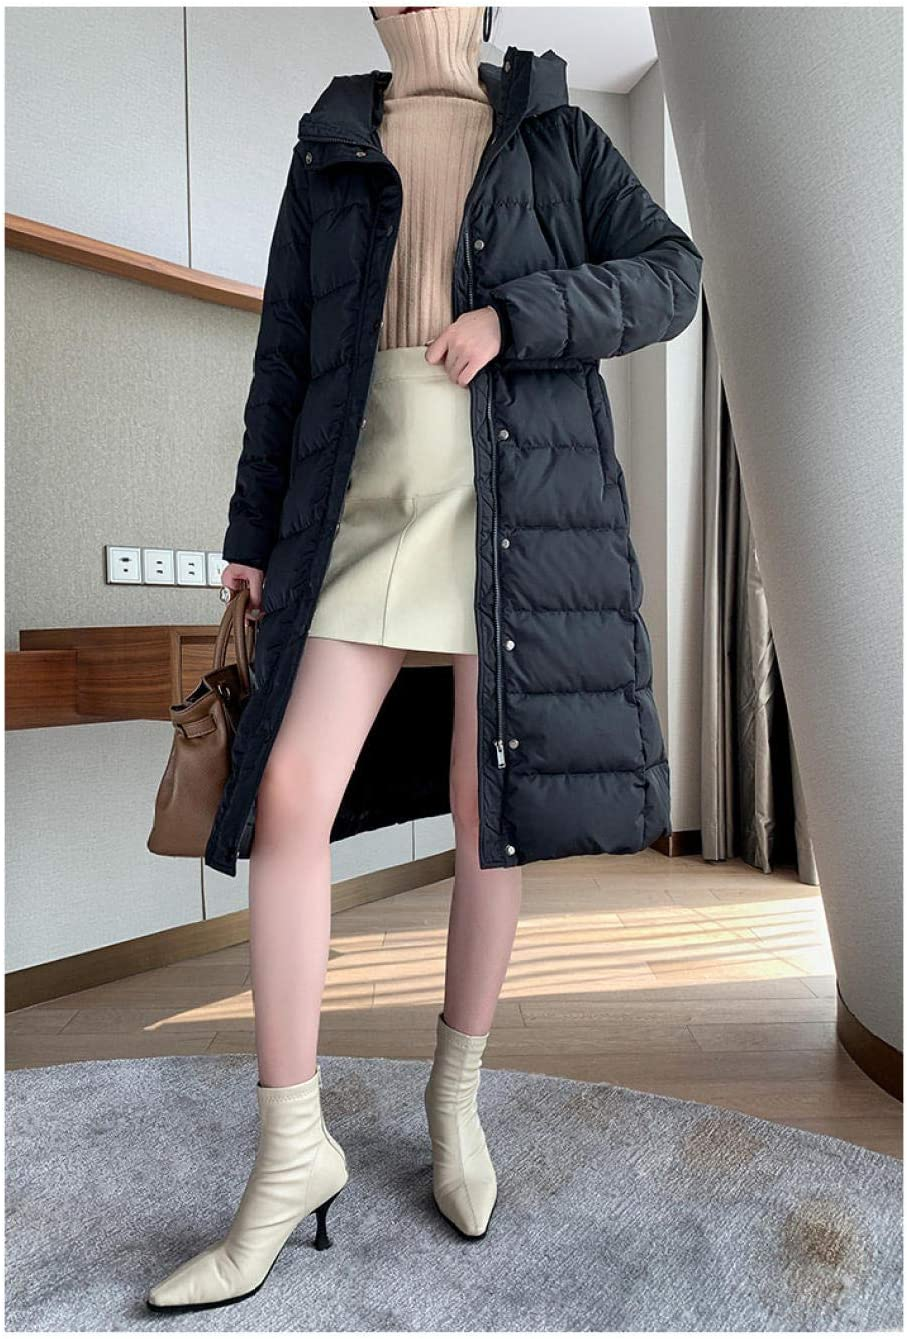 Fantasysmoke Donna Elegante Giacca Invernale Corta da Donna Piumino Giacca con Cappuccio Calda Cappotti Nero - M